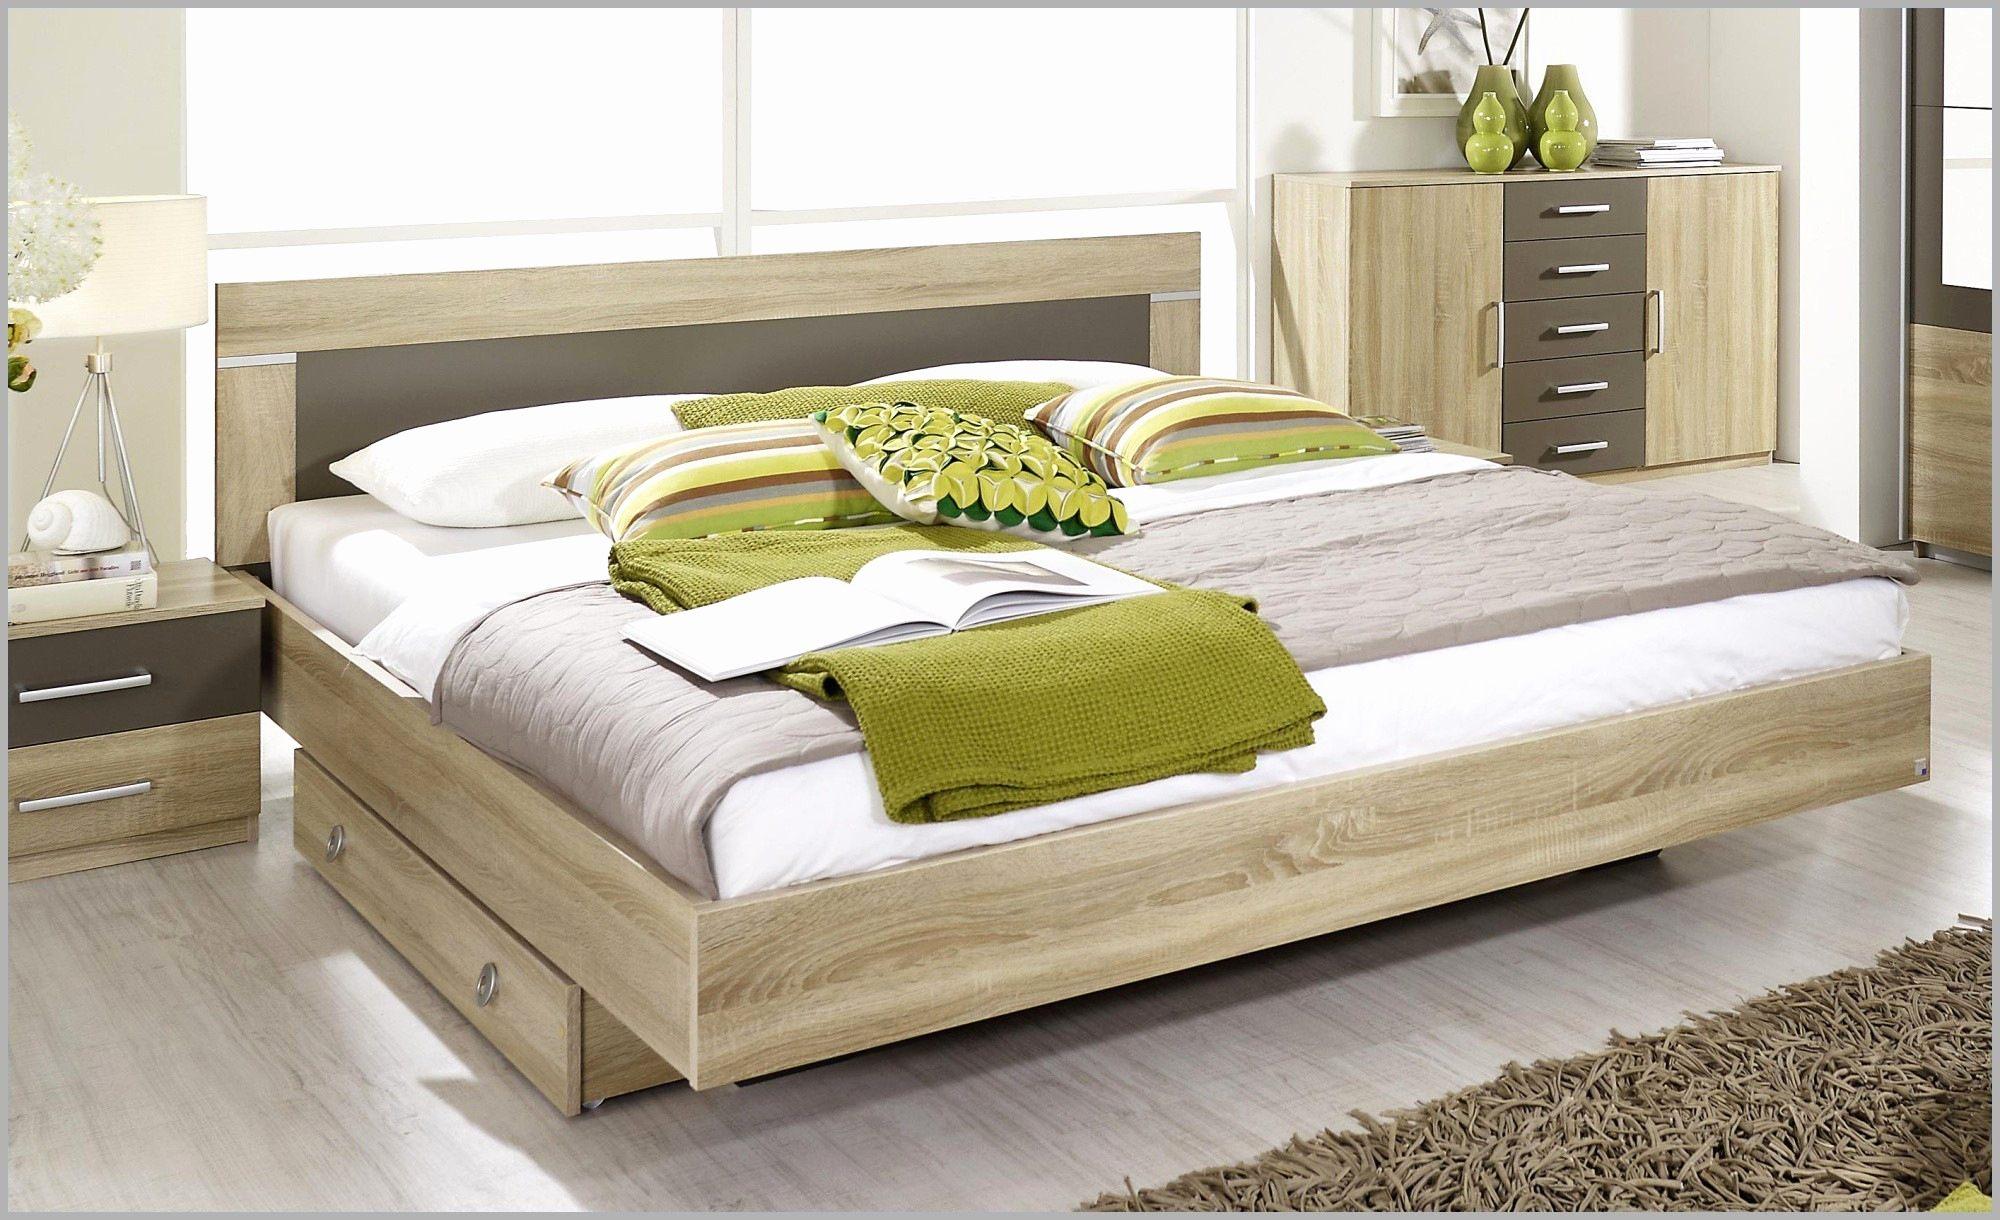 Lit En Bois Pliant Ikea Impressionnant Tete De Lit Chez Ikea Beau Lit En Bois Pliant Ikea Star Japanese